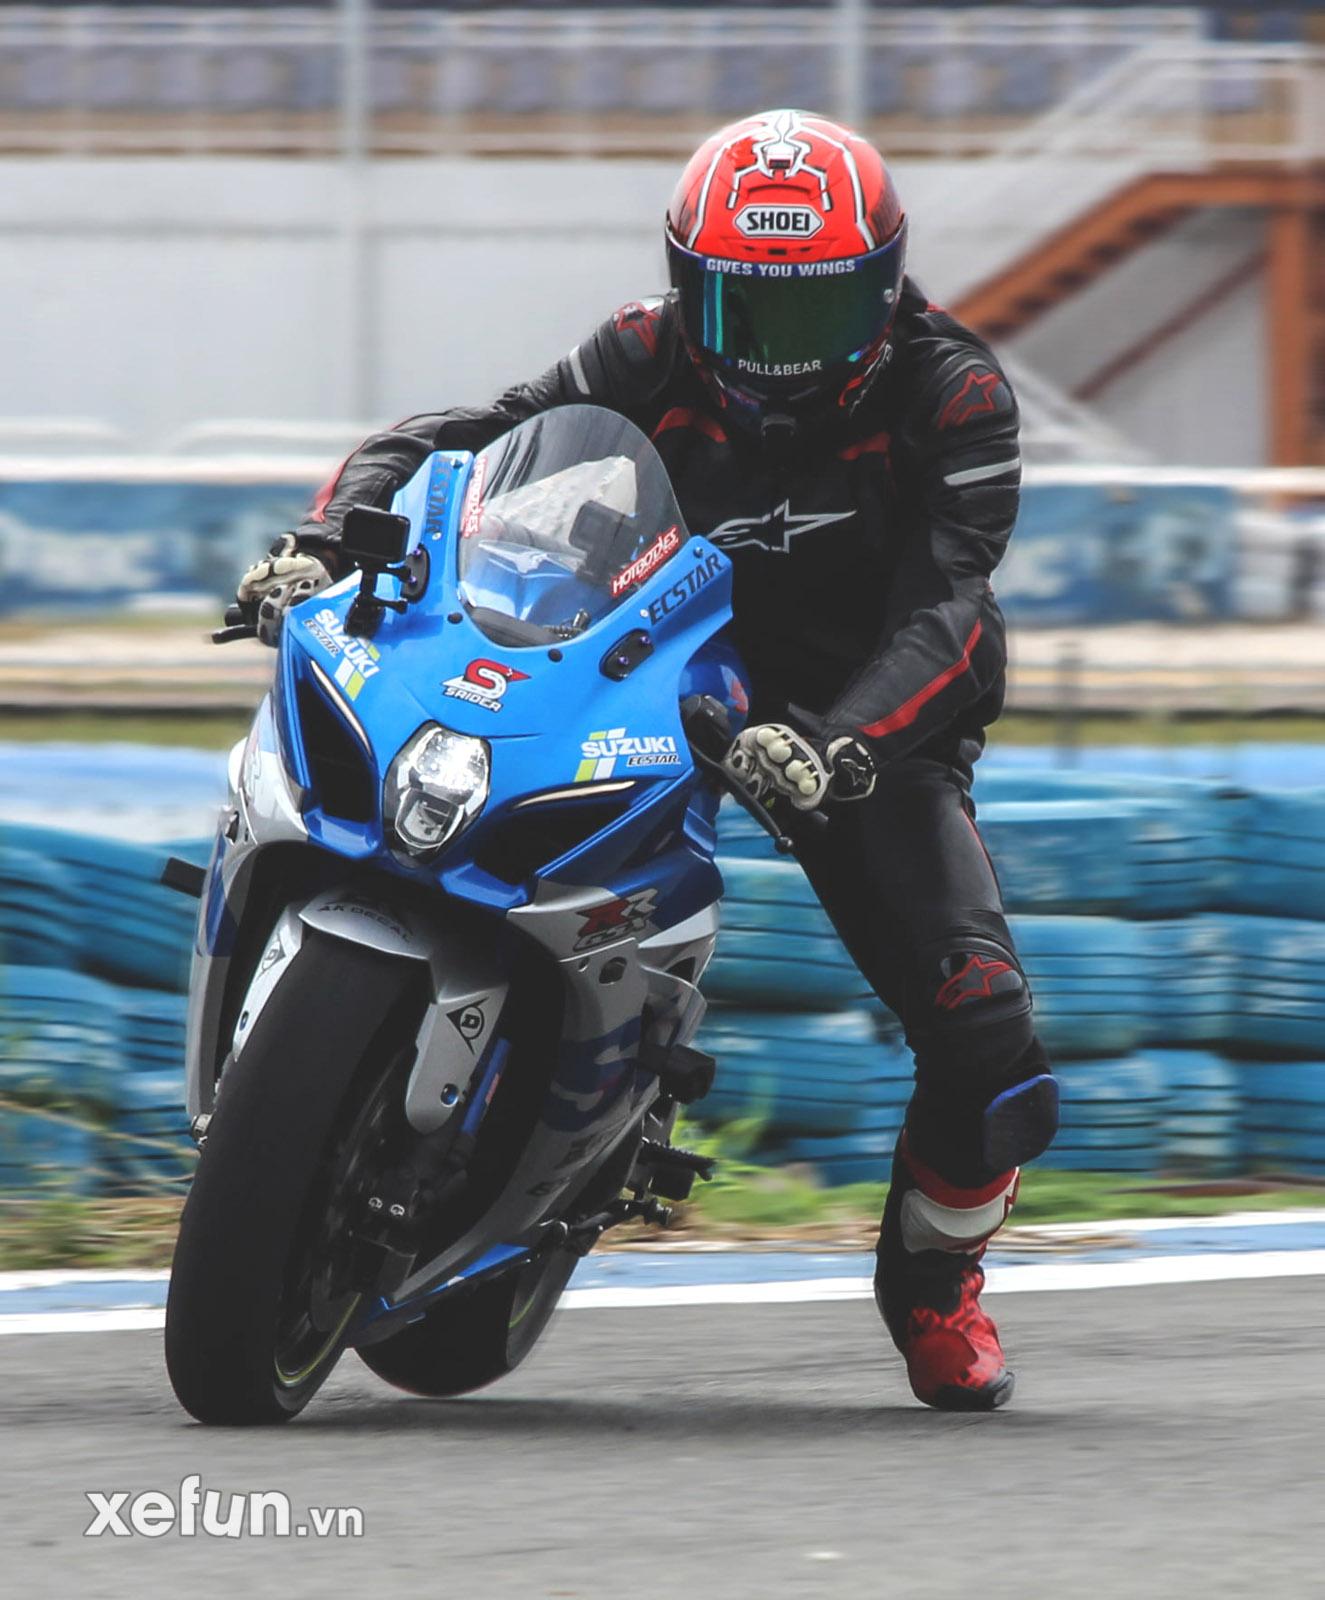 Sang bằng kỷ lục vòng chạy nhanh nhất Việt Nam xác lập trên Suzuki S1000RR_-7